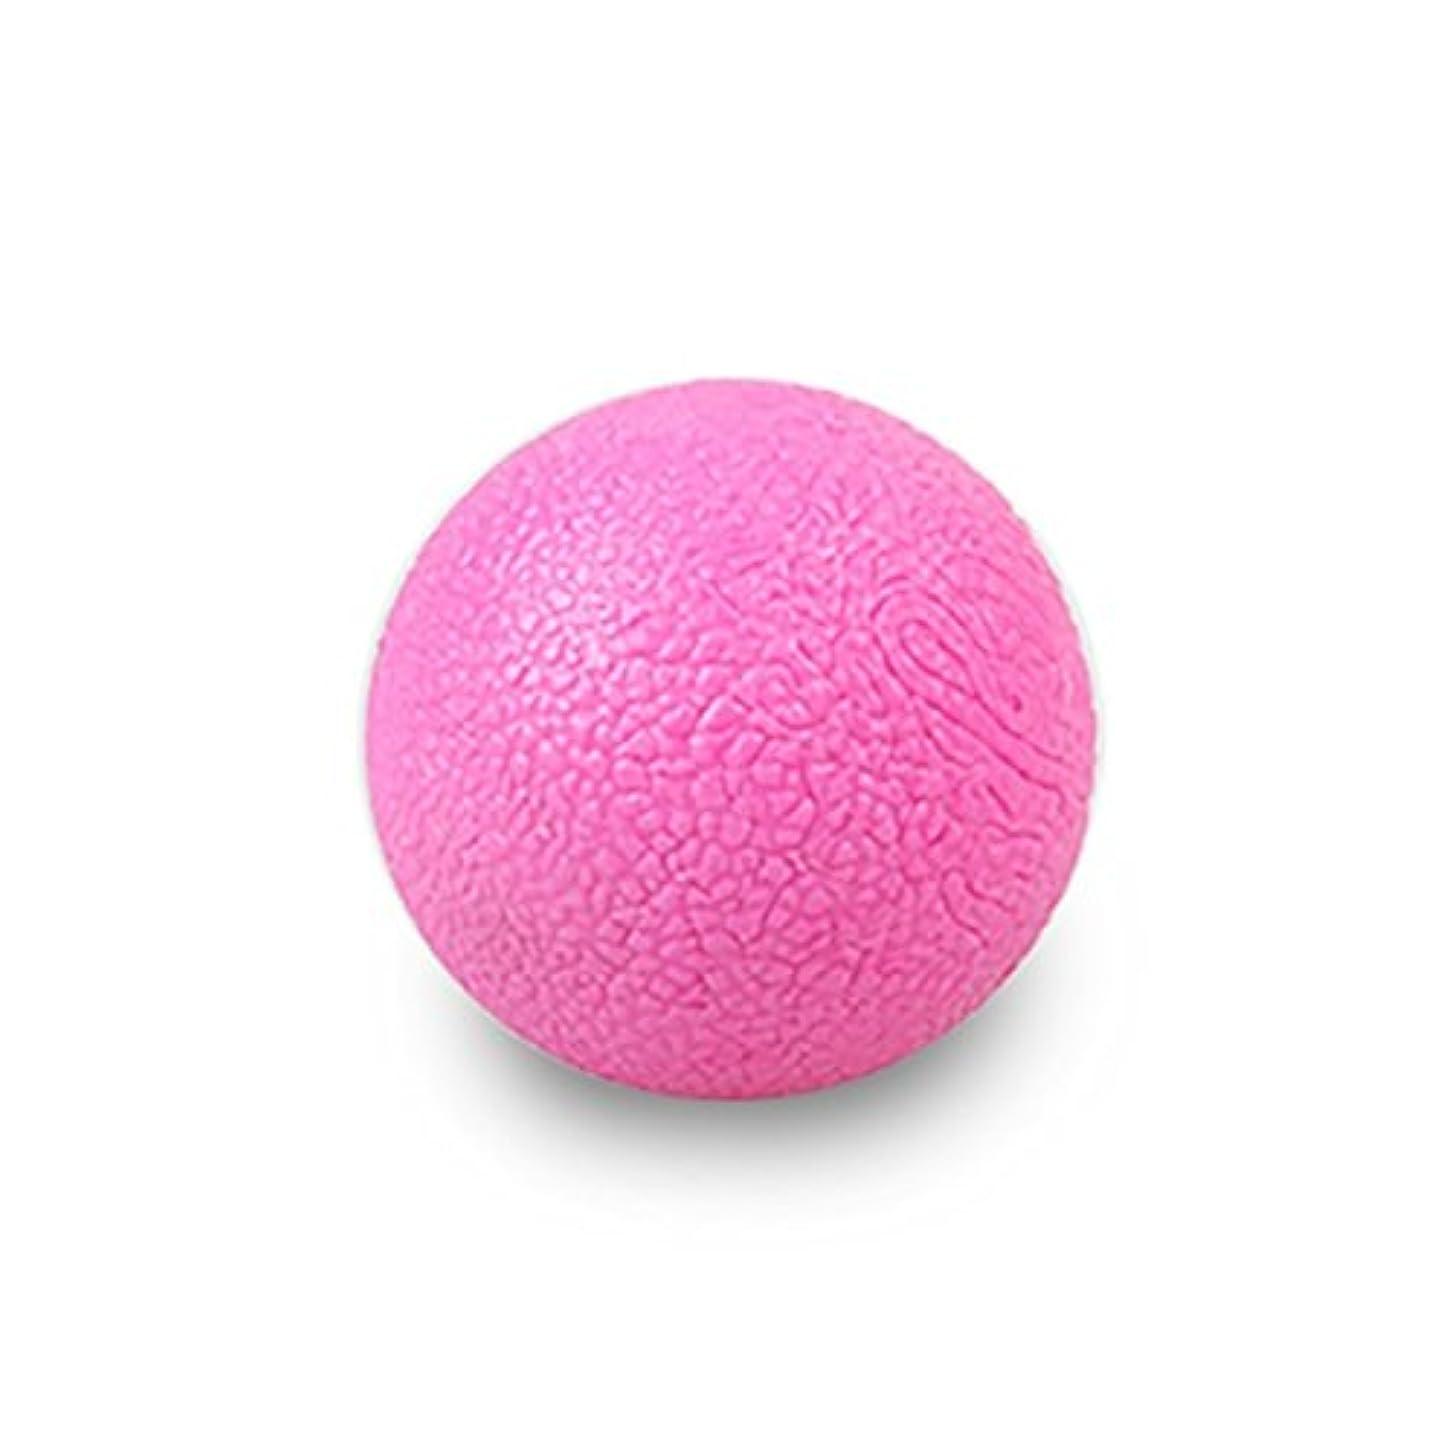 ヒゲクジラ博覧会依存Shape Up UPnShape ミニ マッサージ ボール (4.7 インチ)/ストレッチ、ヨガ リハビリテーション腰痛首 (ピンク)